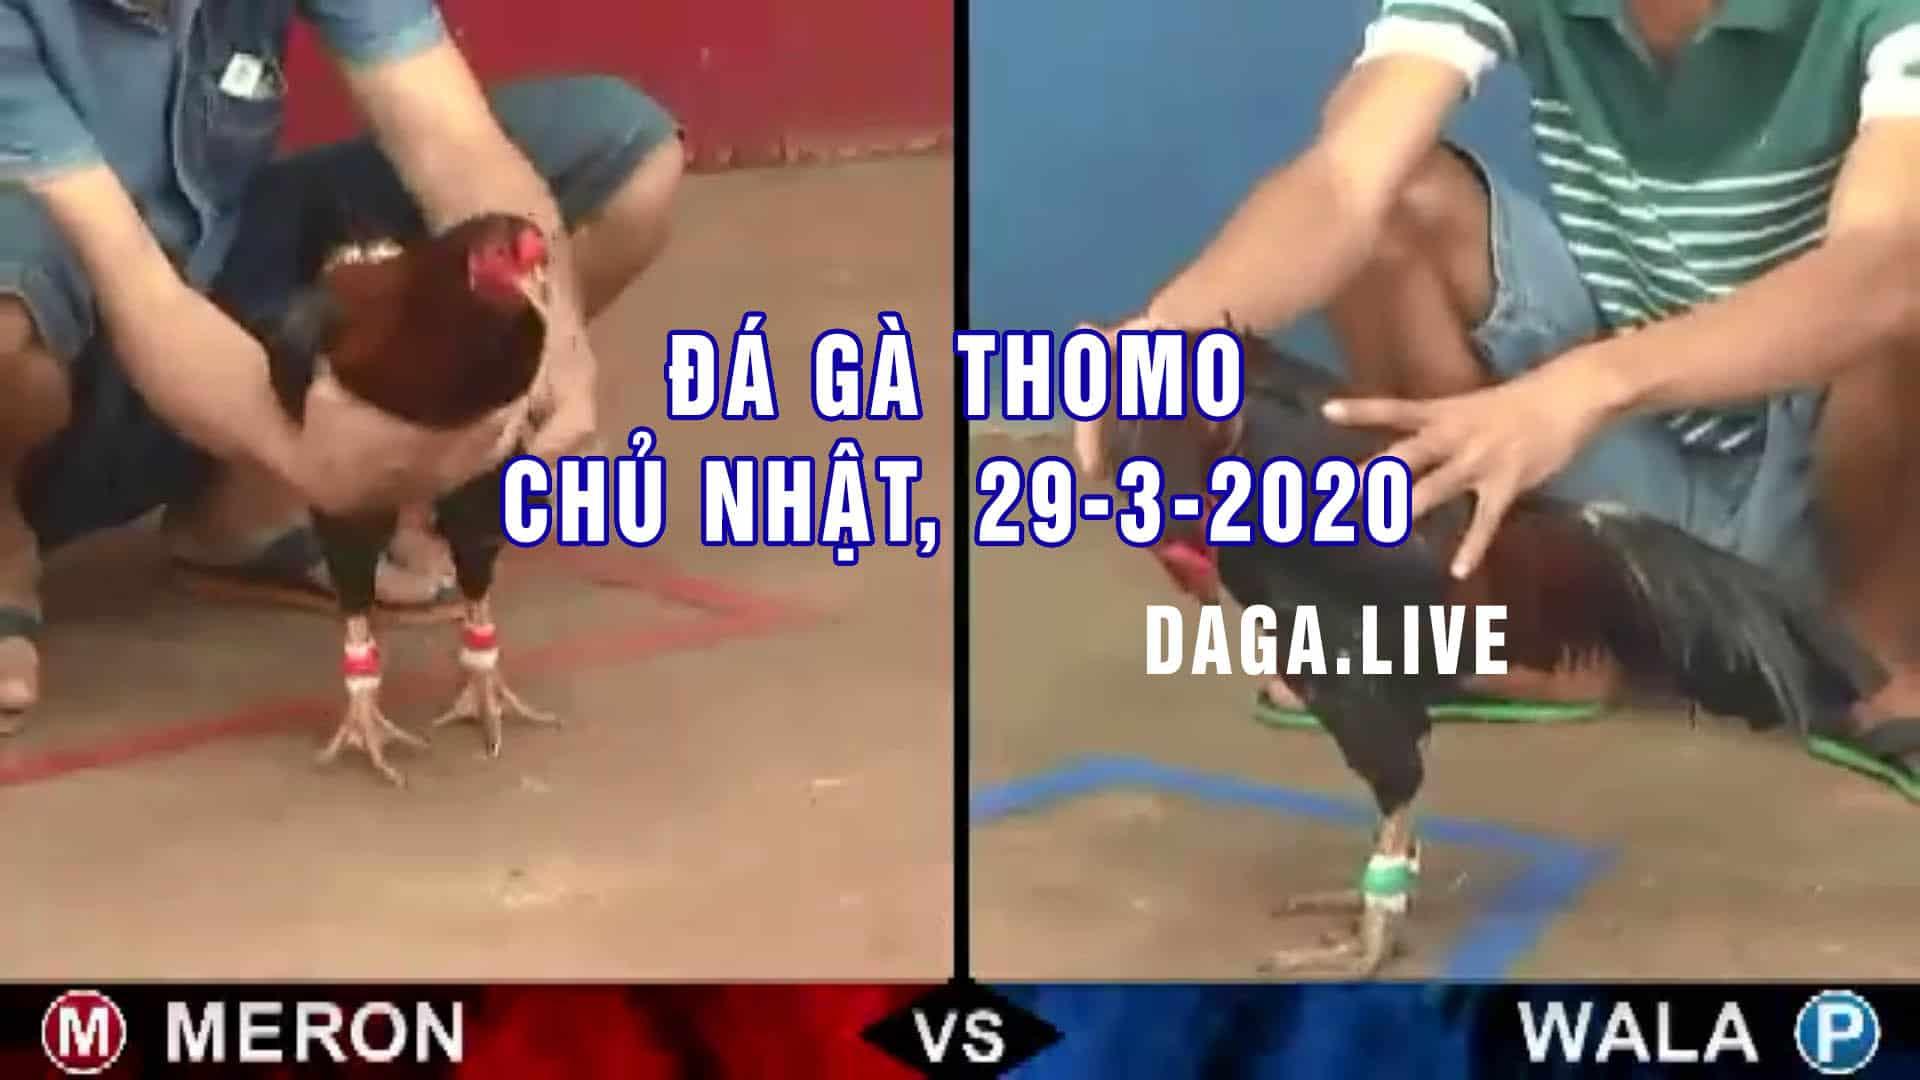 DAGA.LIVE- Đá gà thomo hôm nay, đá gà campuchia, đá gà trực tiếp, đá gà cựa sắt CHỦ NHẬT ngày 29-3-2020